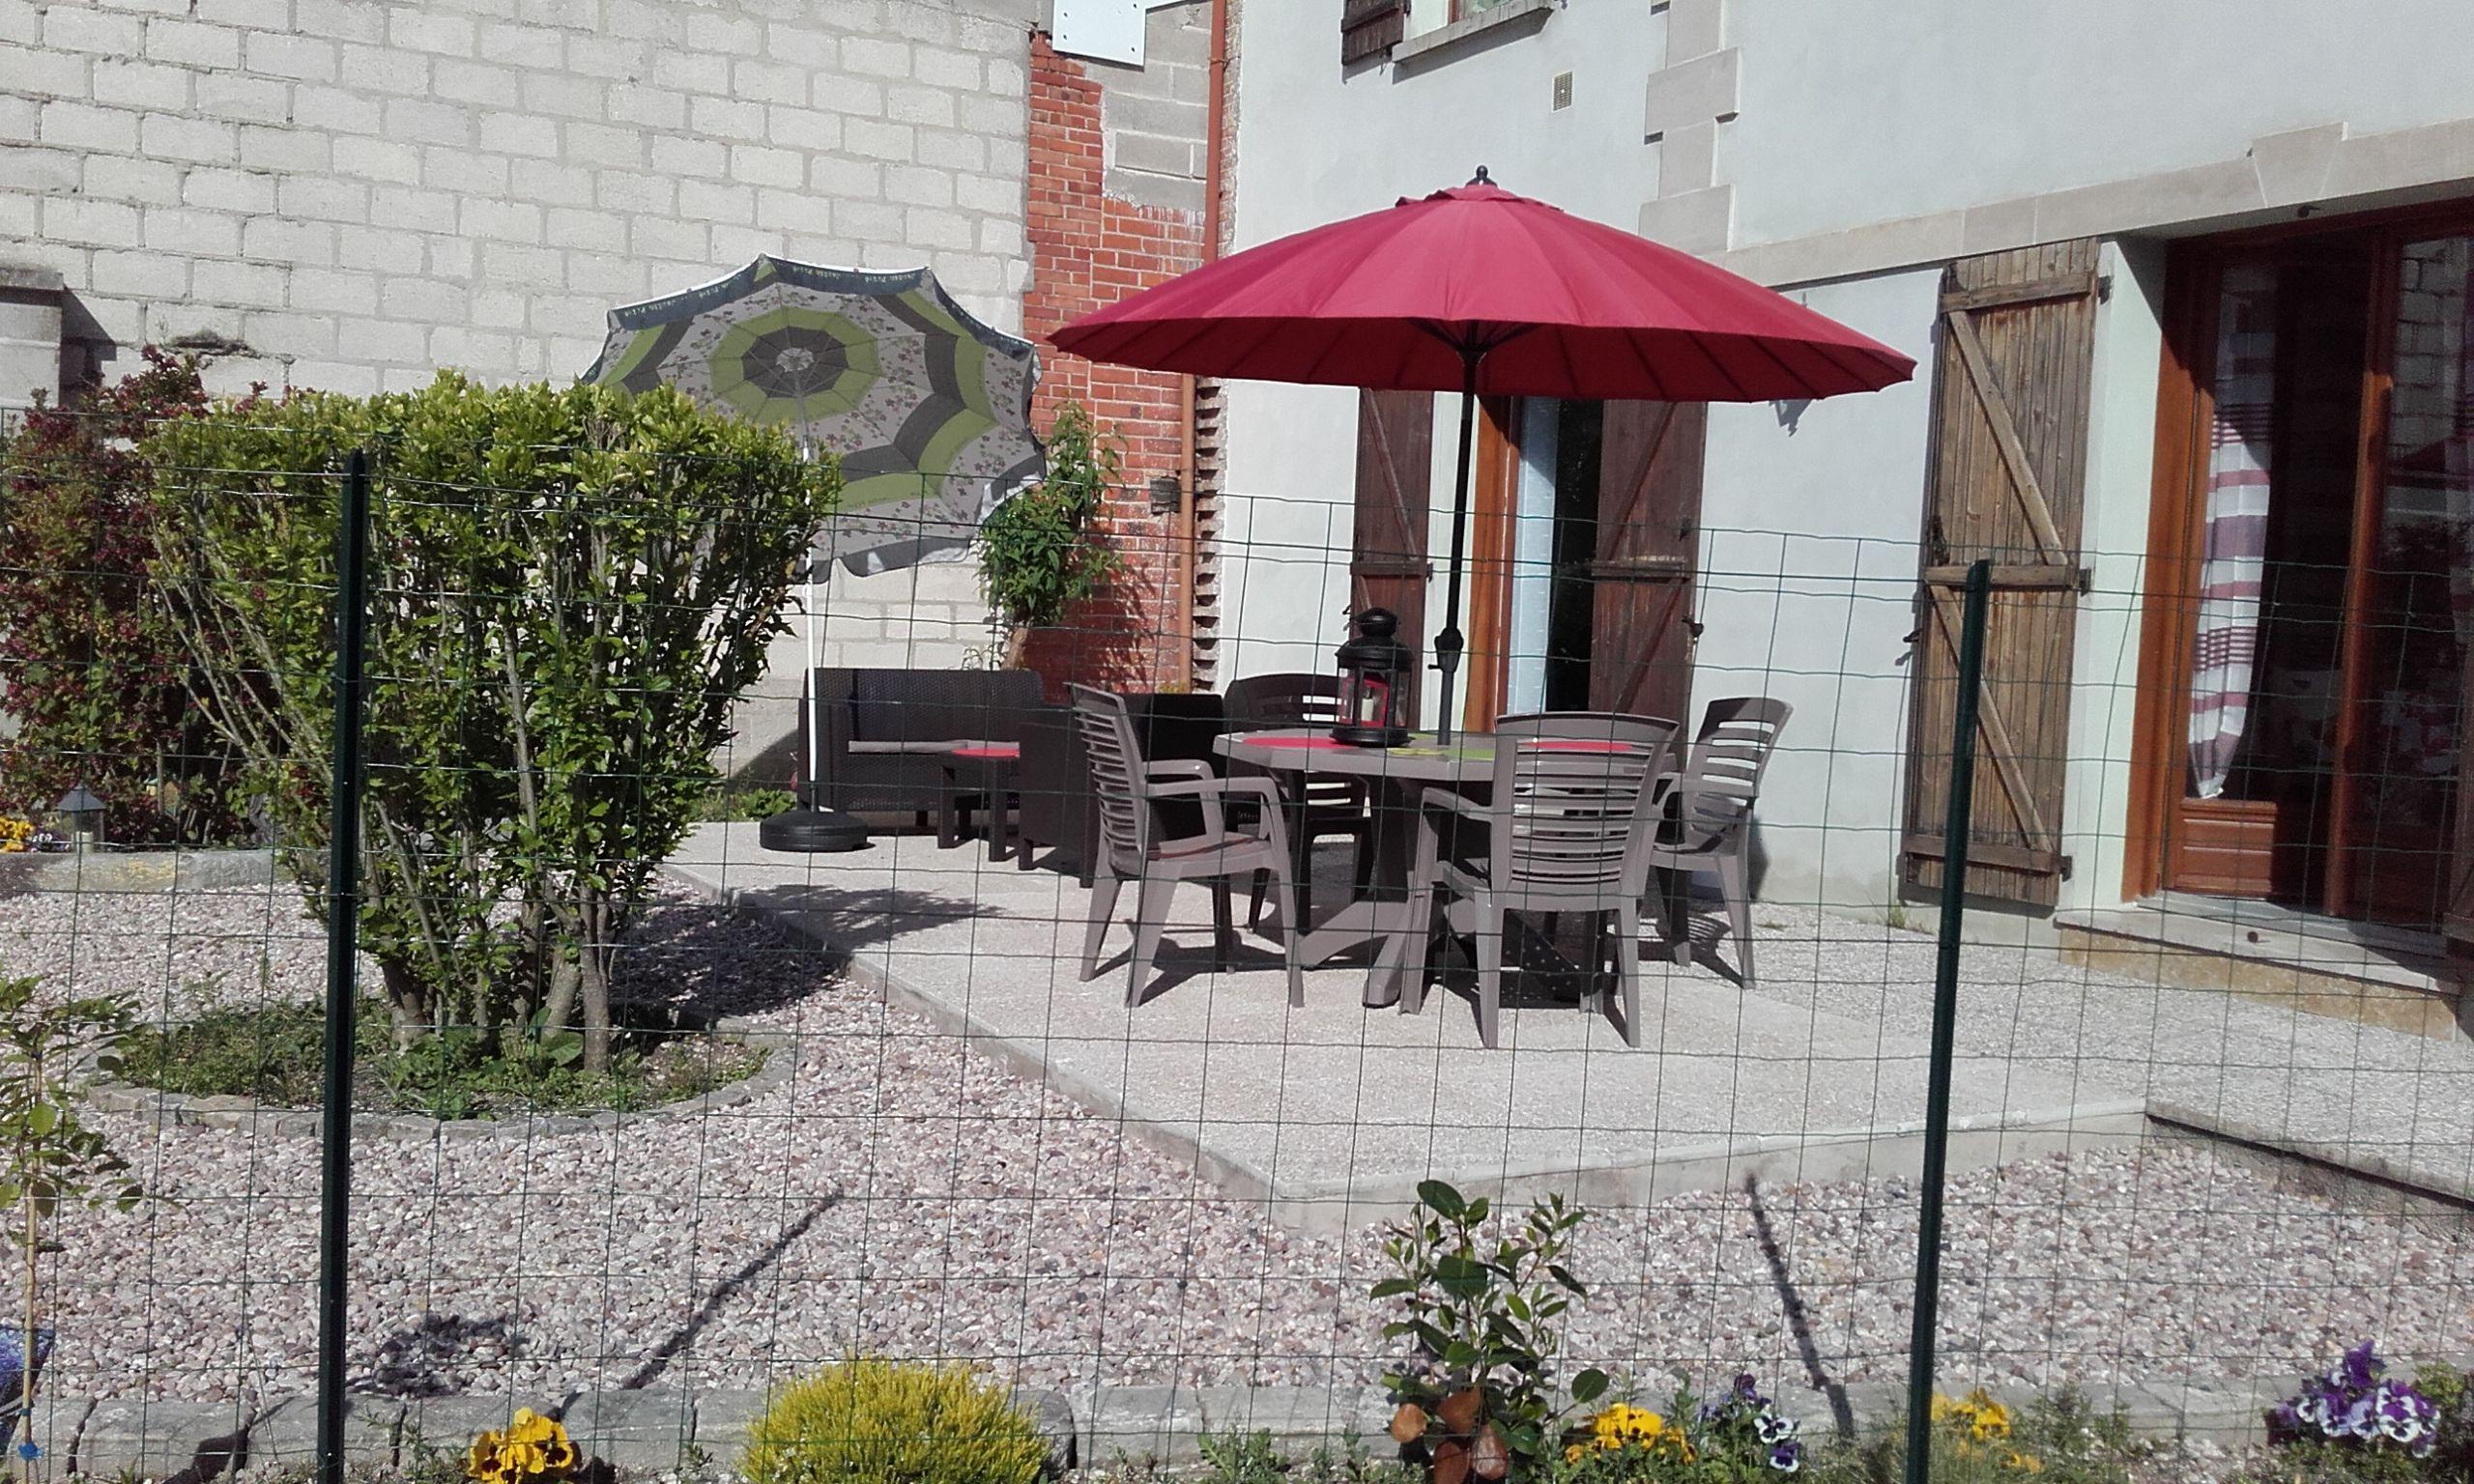 terrasse avec salon et coin repas 51G485 - Chez Bri-Gîte - Loisy sur Marne - Gîtes de France Marne